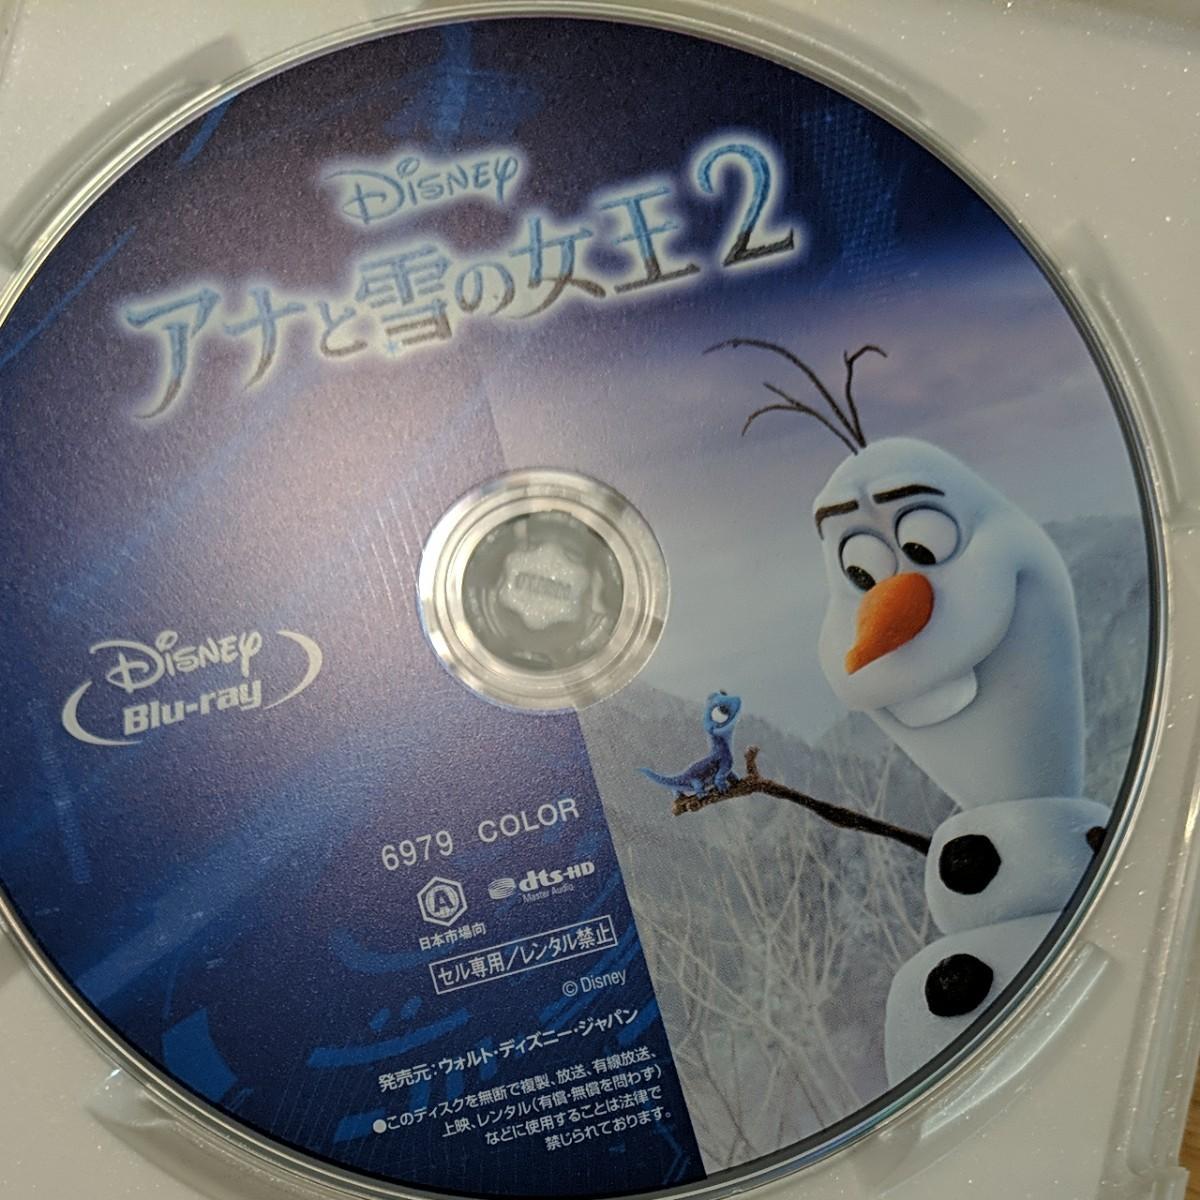 アナと雪の女王2 Blu-ray ディズニー 純正ケース MovieNEX ブルーレイ DVD